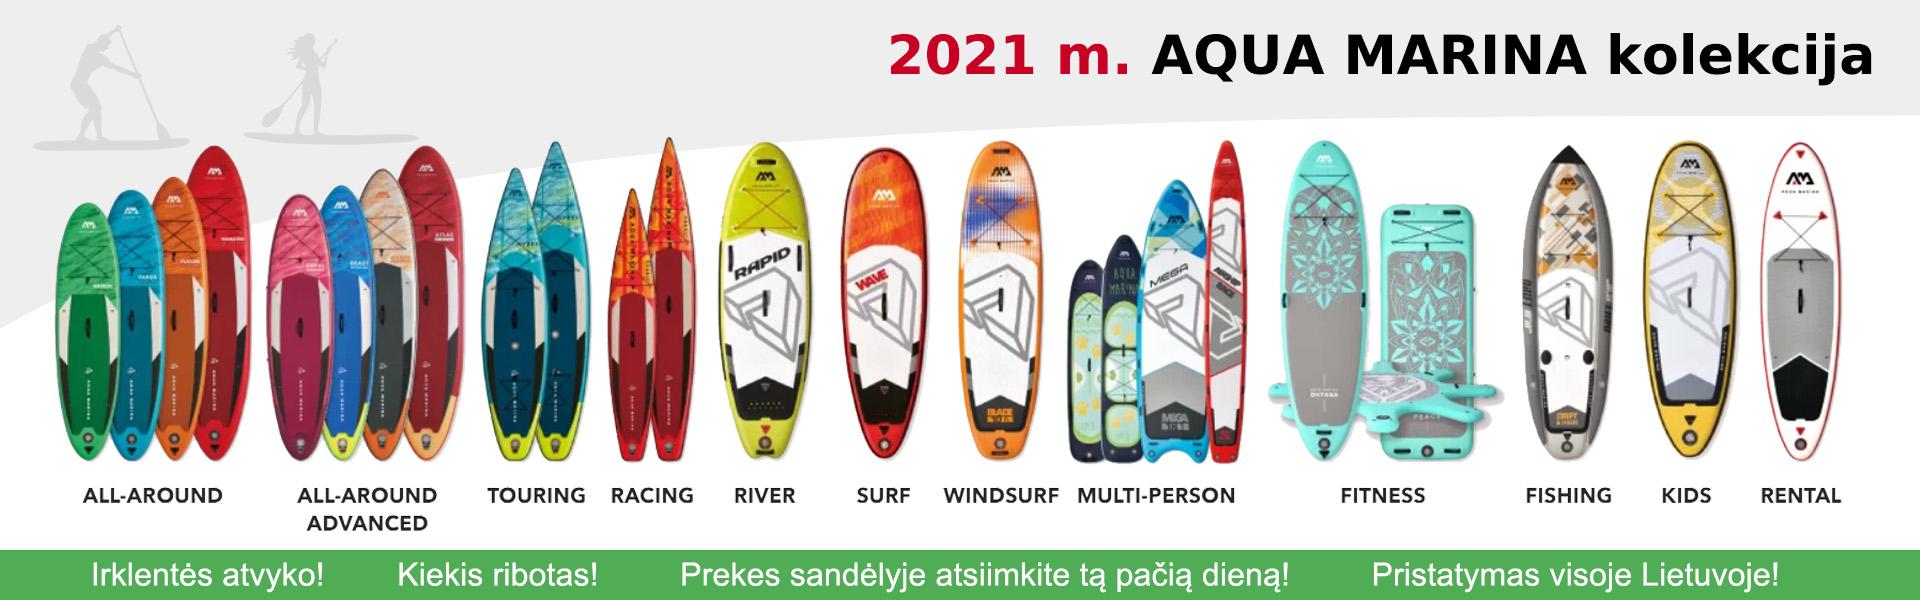 2021 metų Aqua Marina irklenčių kolekcija